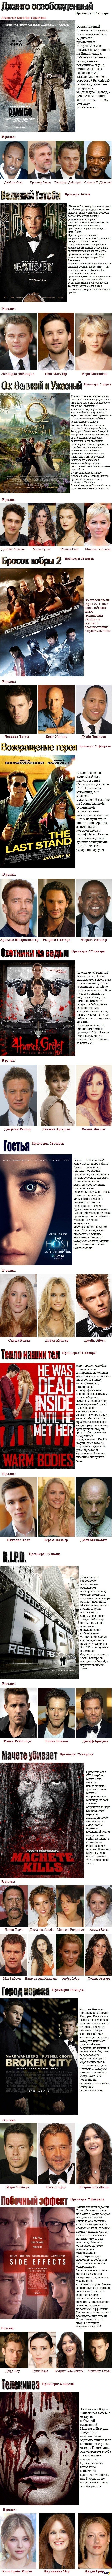 Ожидаемые премьеры  2013